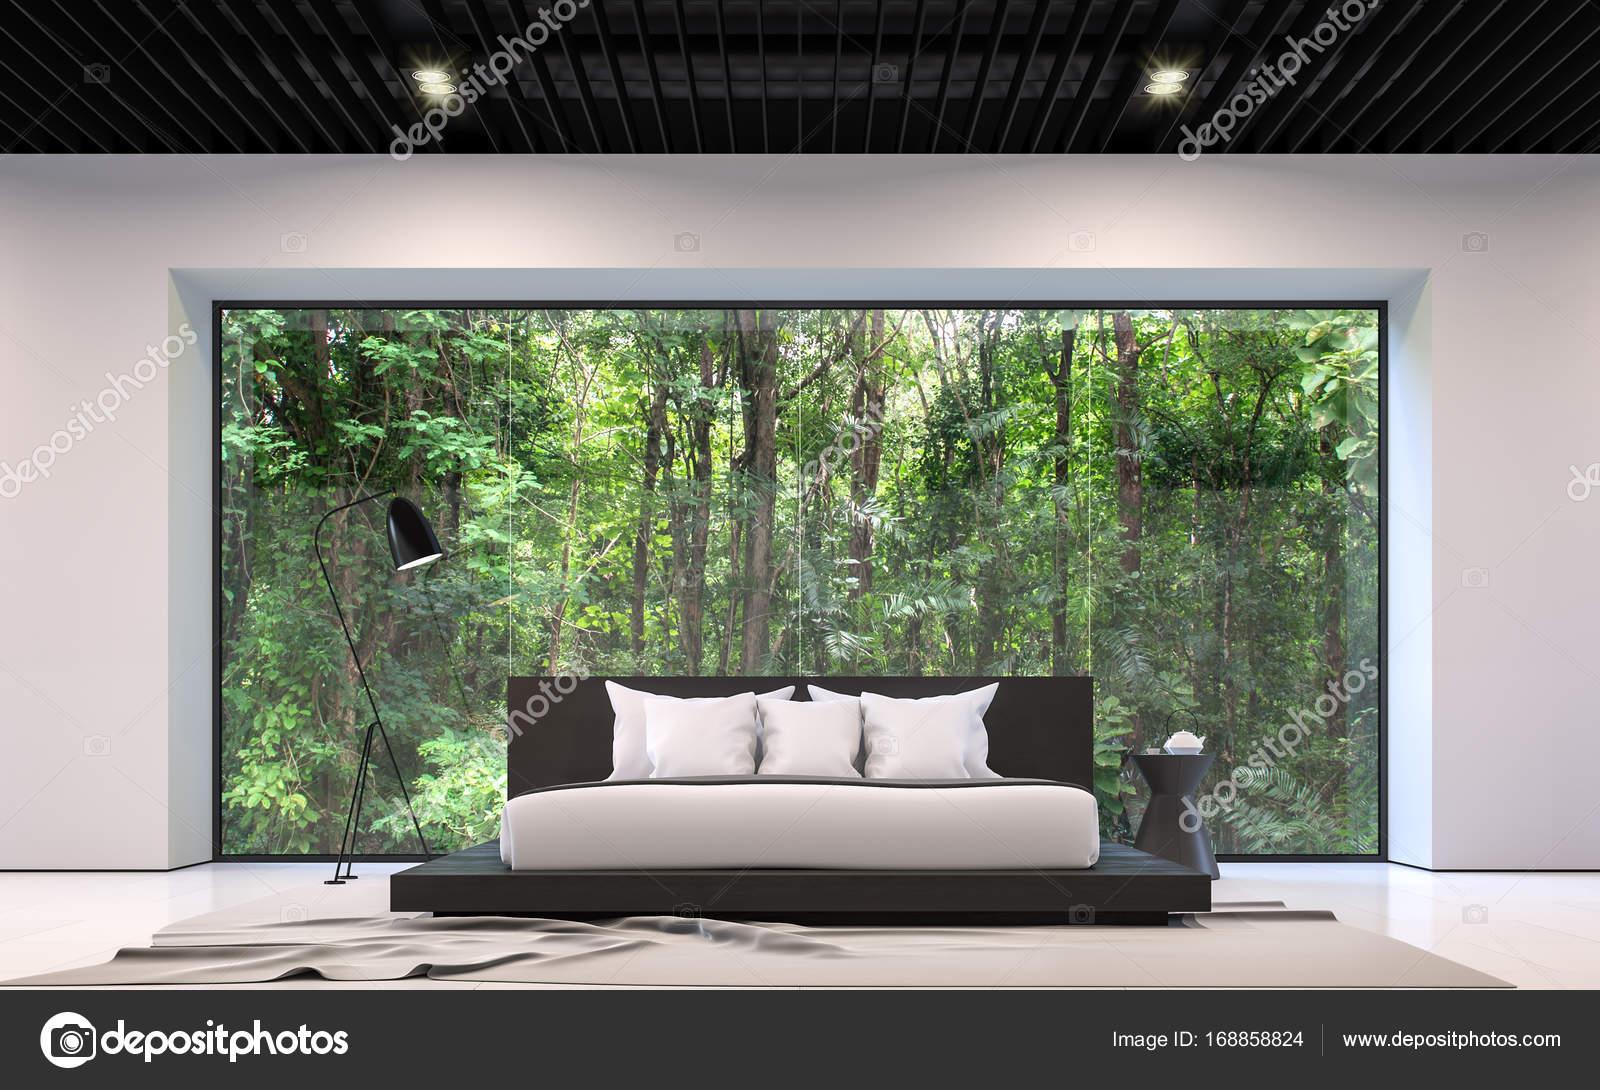 Moderne noir et blanc chambre avec image de rendu 3d de la ...